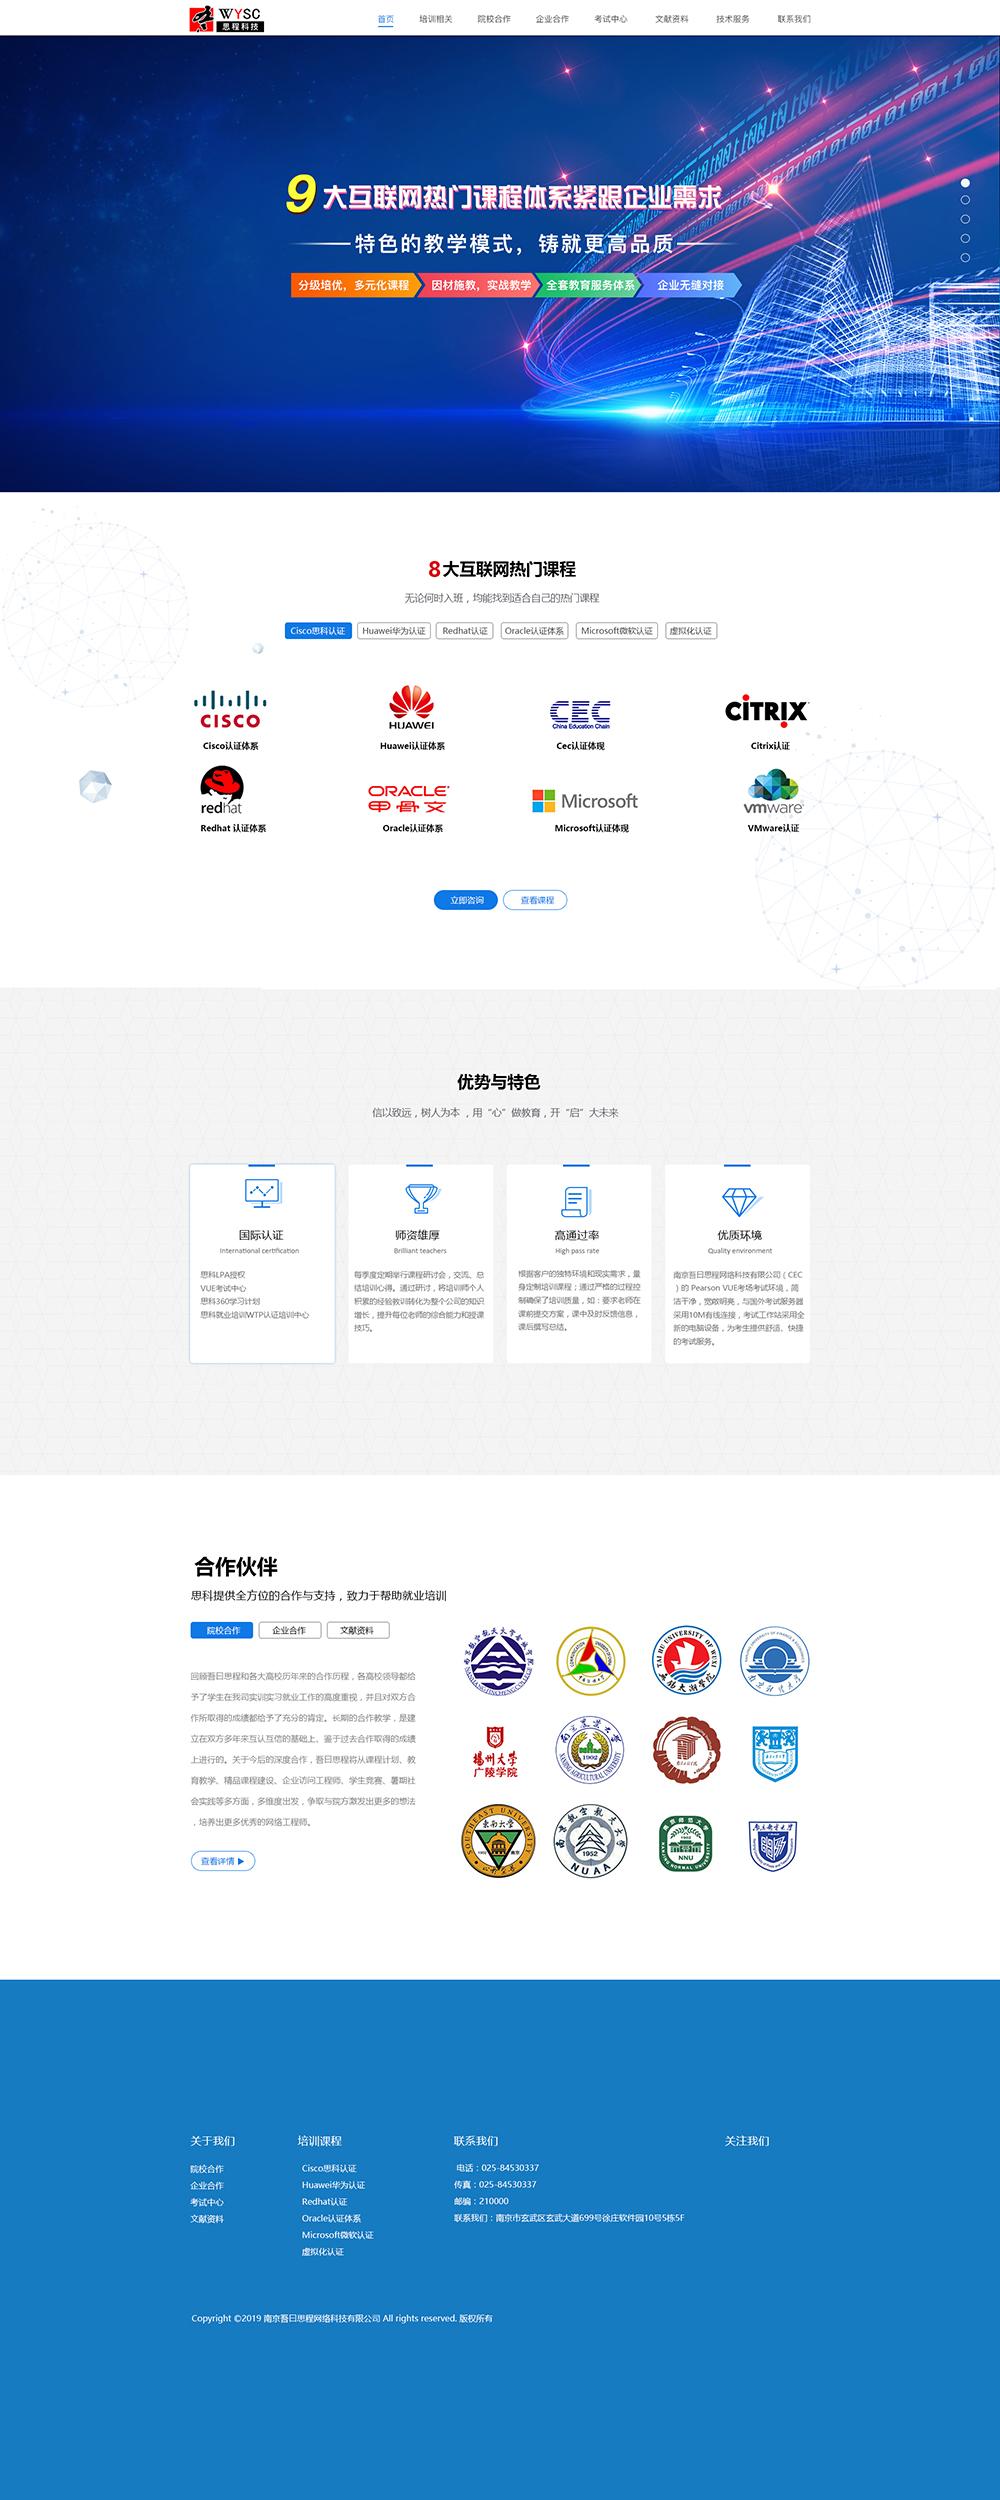 南京吾曰思程网络科技有限公司